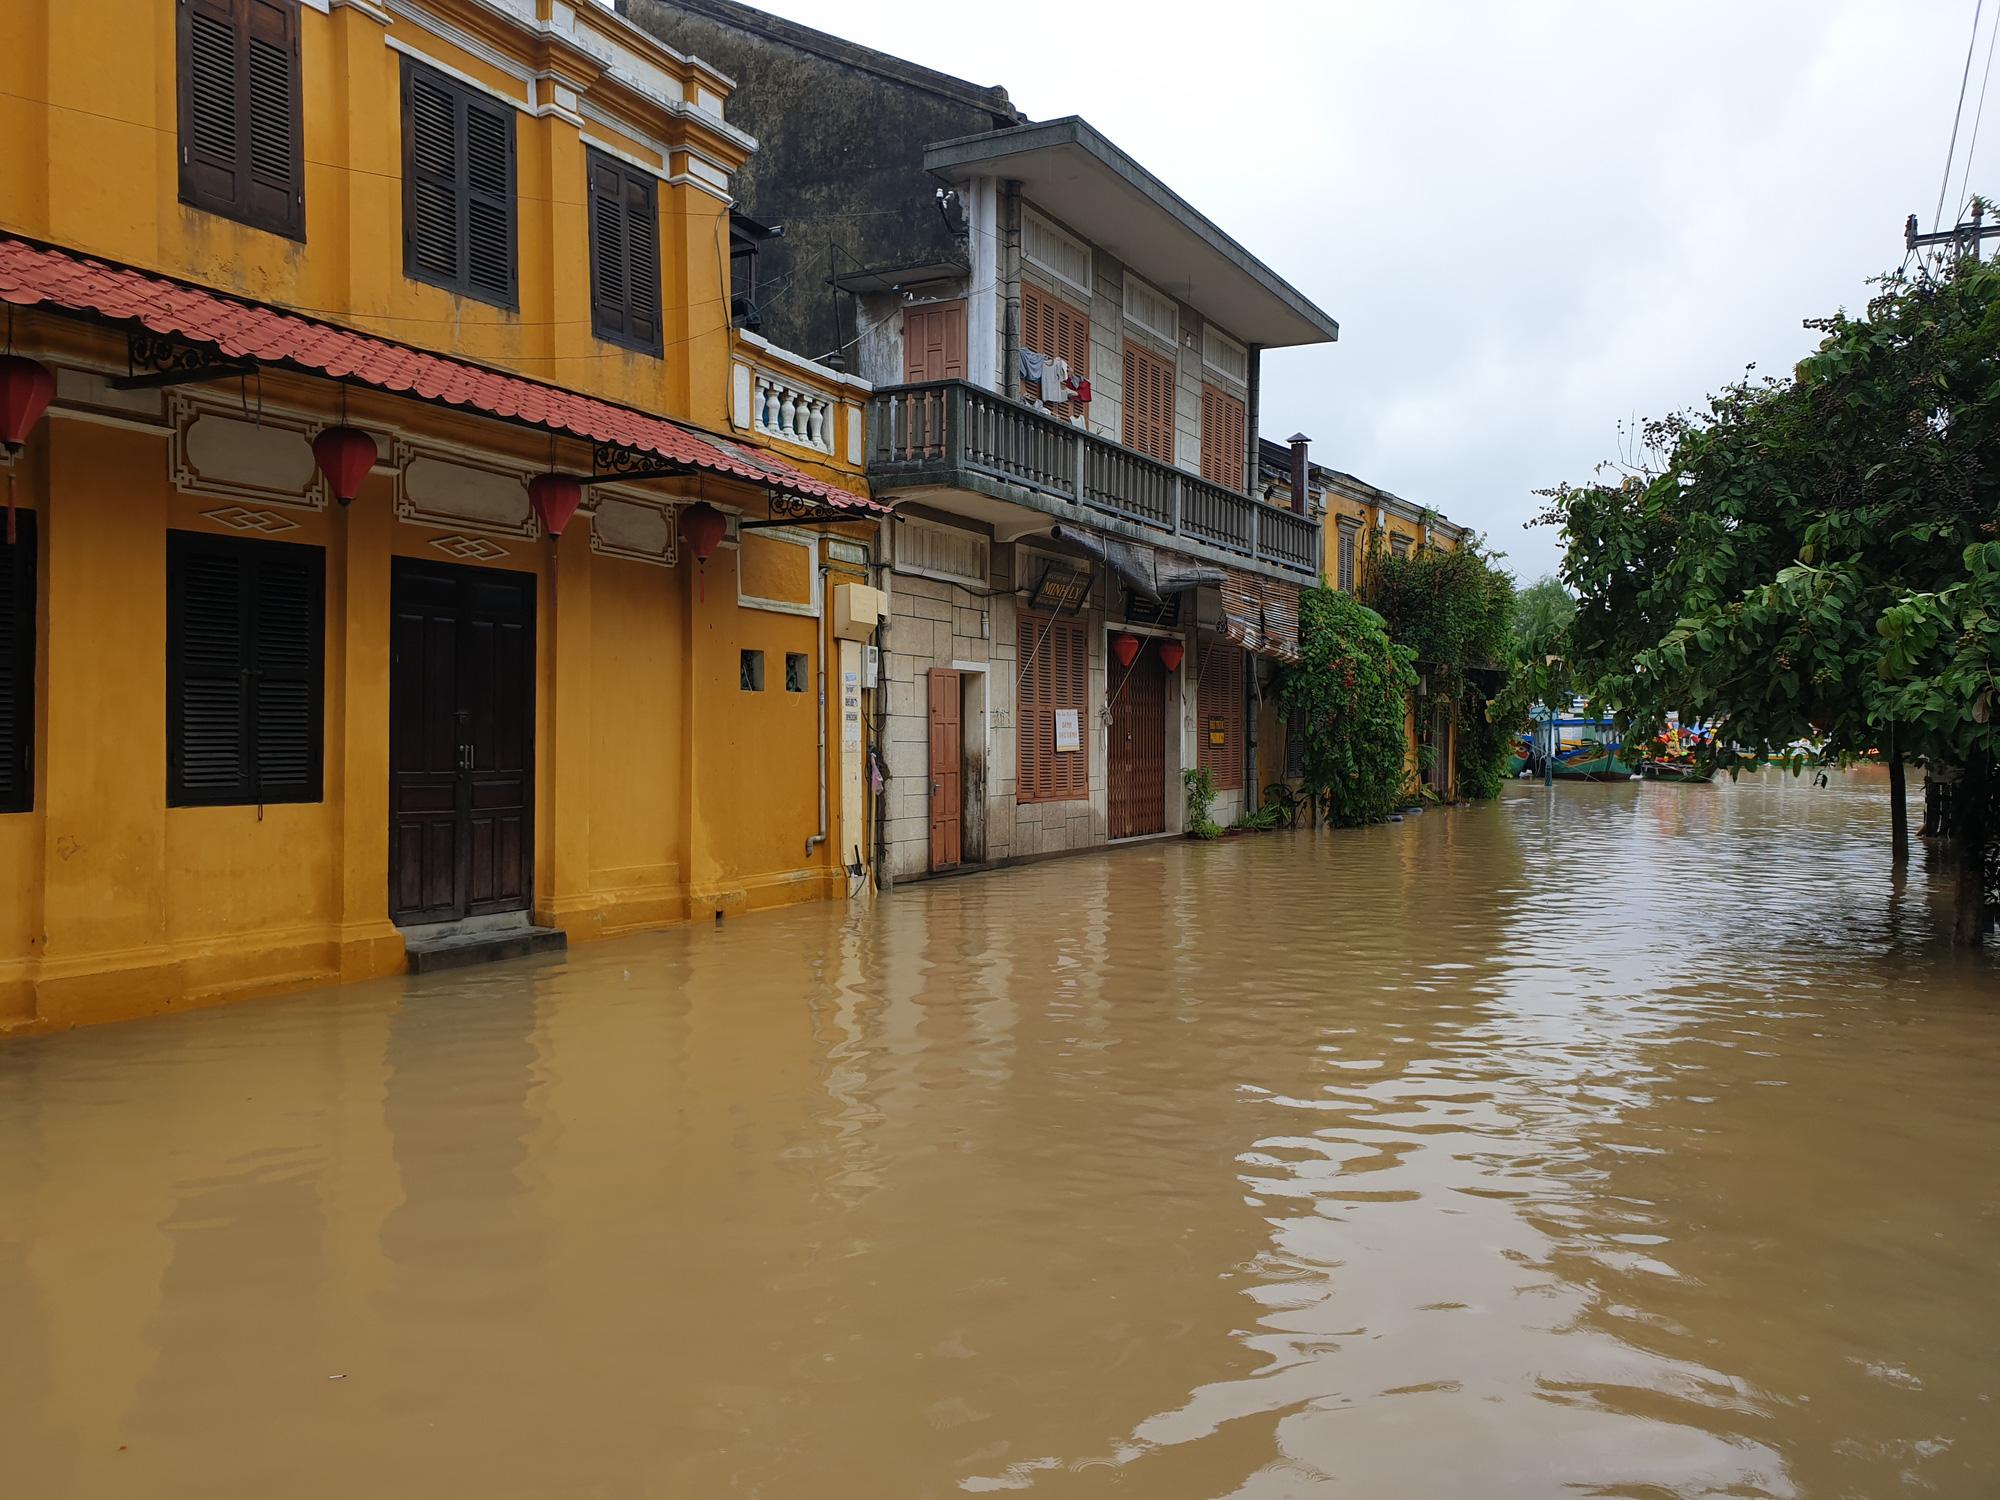 Quảng Nam: Nước sông Hoài dâng cao, đường ở phố cổ Hội An ngập hơn 50cm - Ảnh 6.